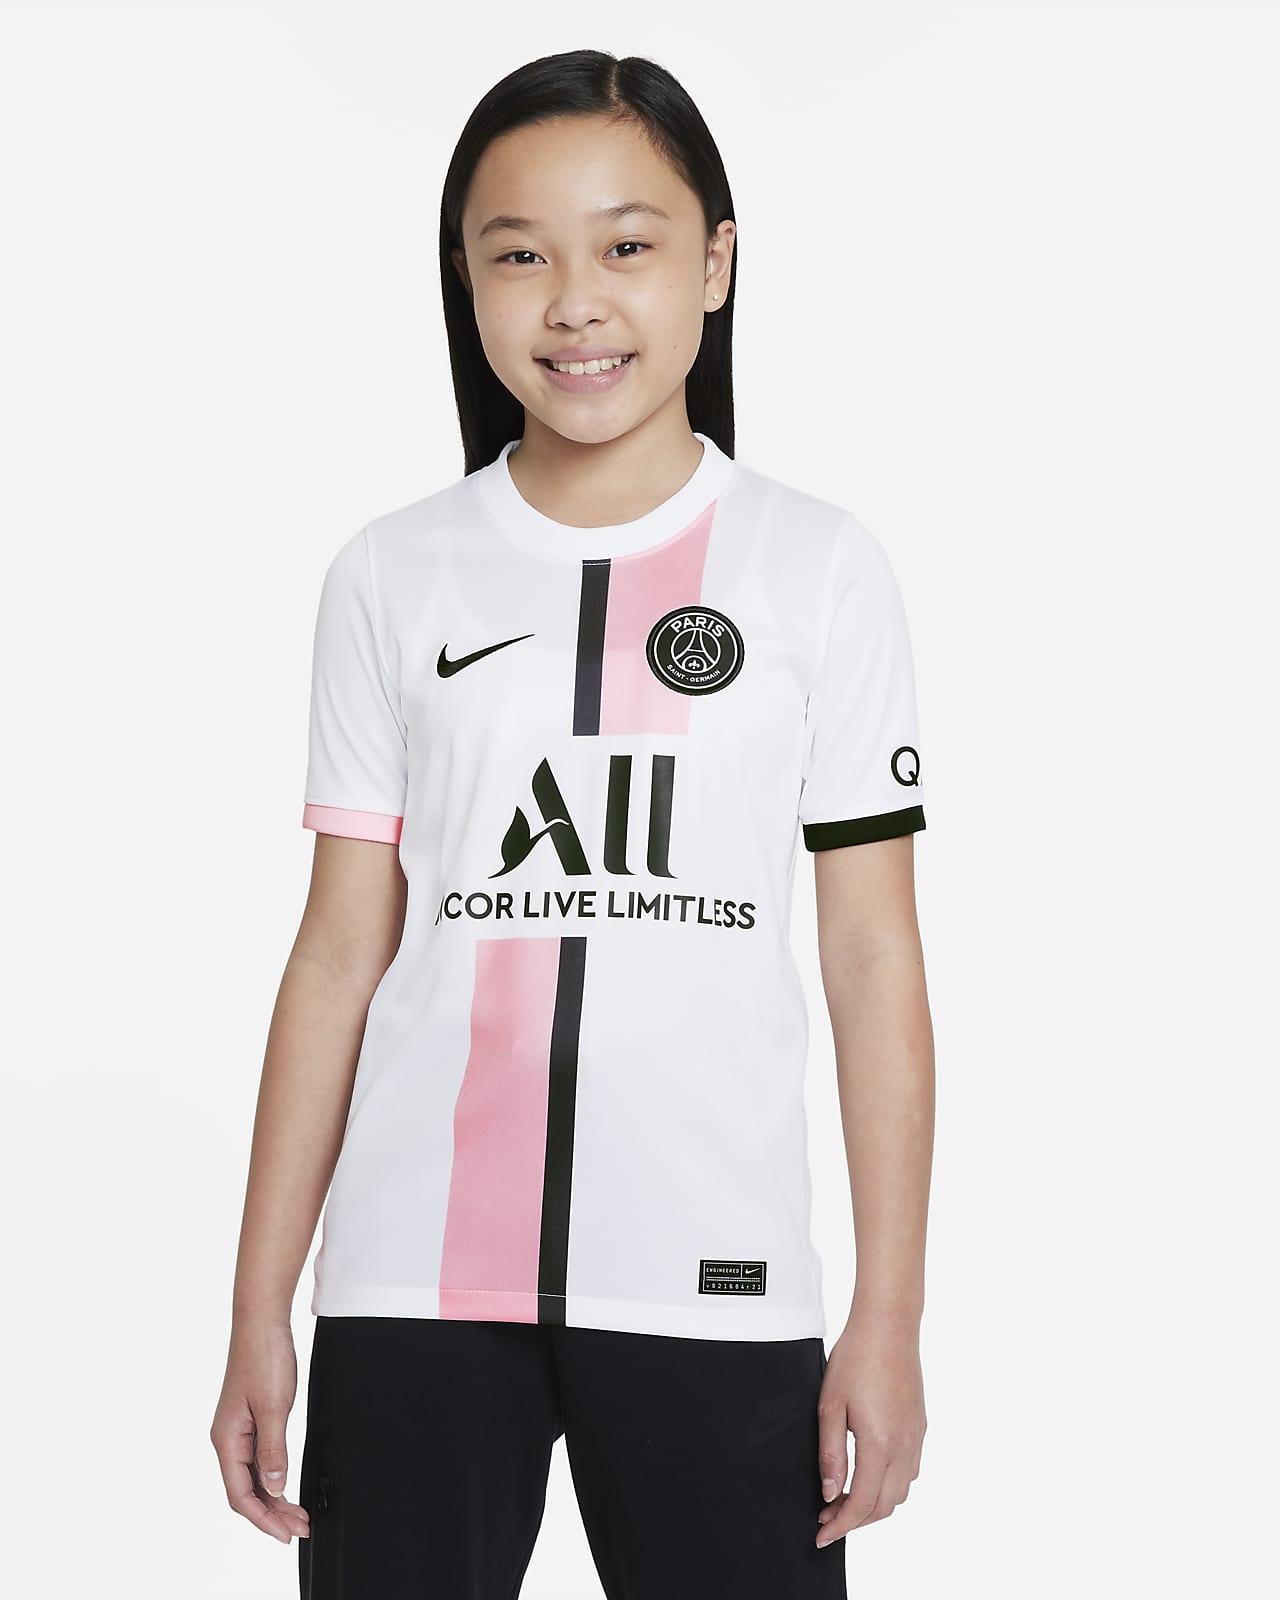 パリ サンジェルマン 2021/22 スタジアム アウェイ ジュニア ナイキ Dri-FIT サッカーユニフォーム